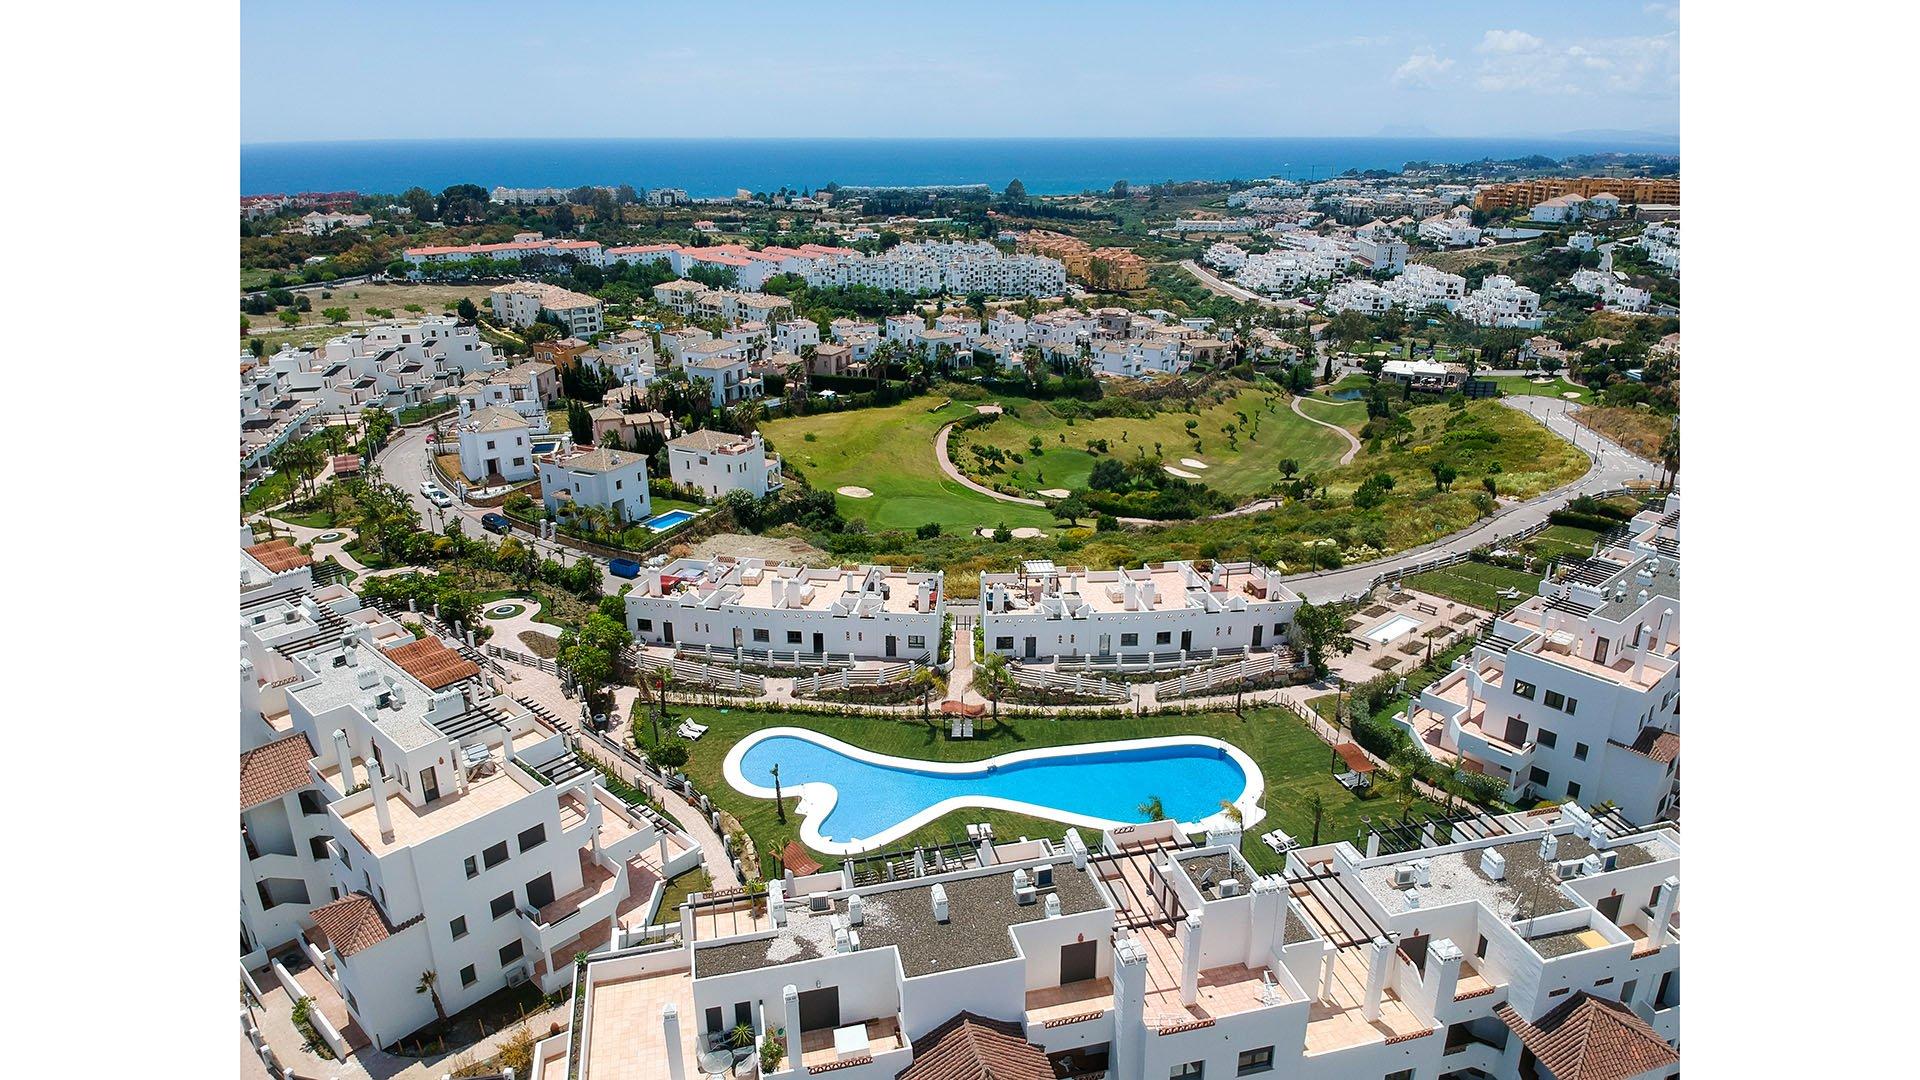 Sunset Golf Estepona: Appartementen in een mediterrane woonwijk dicht bij Marbella